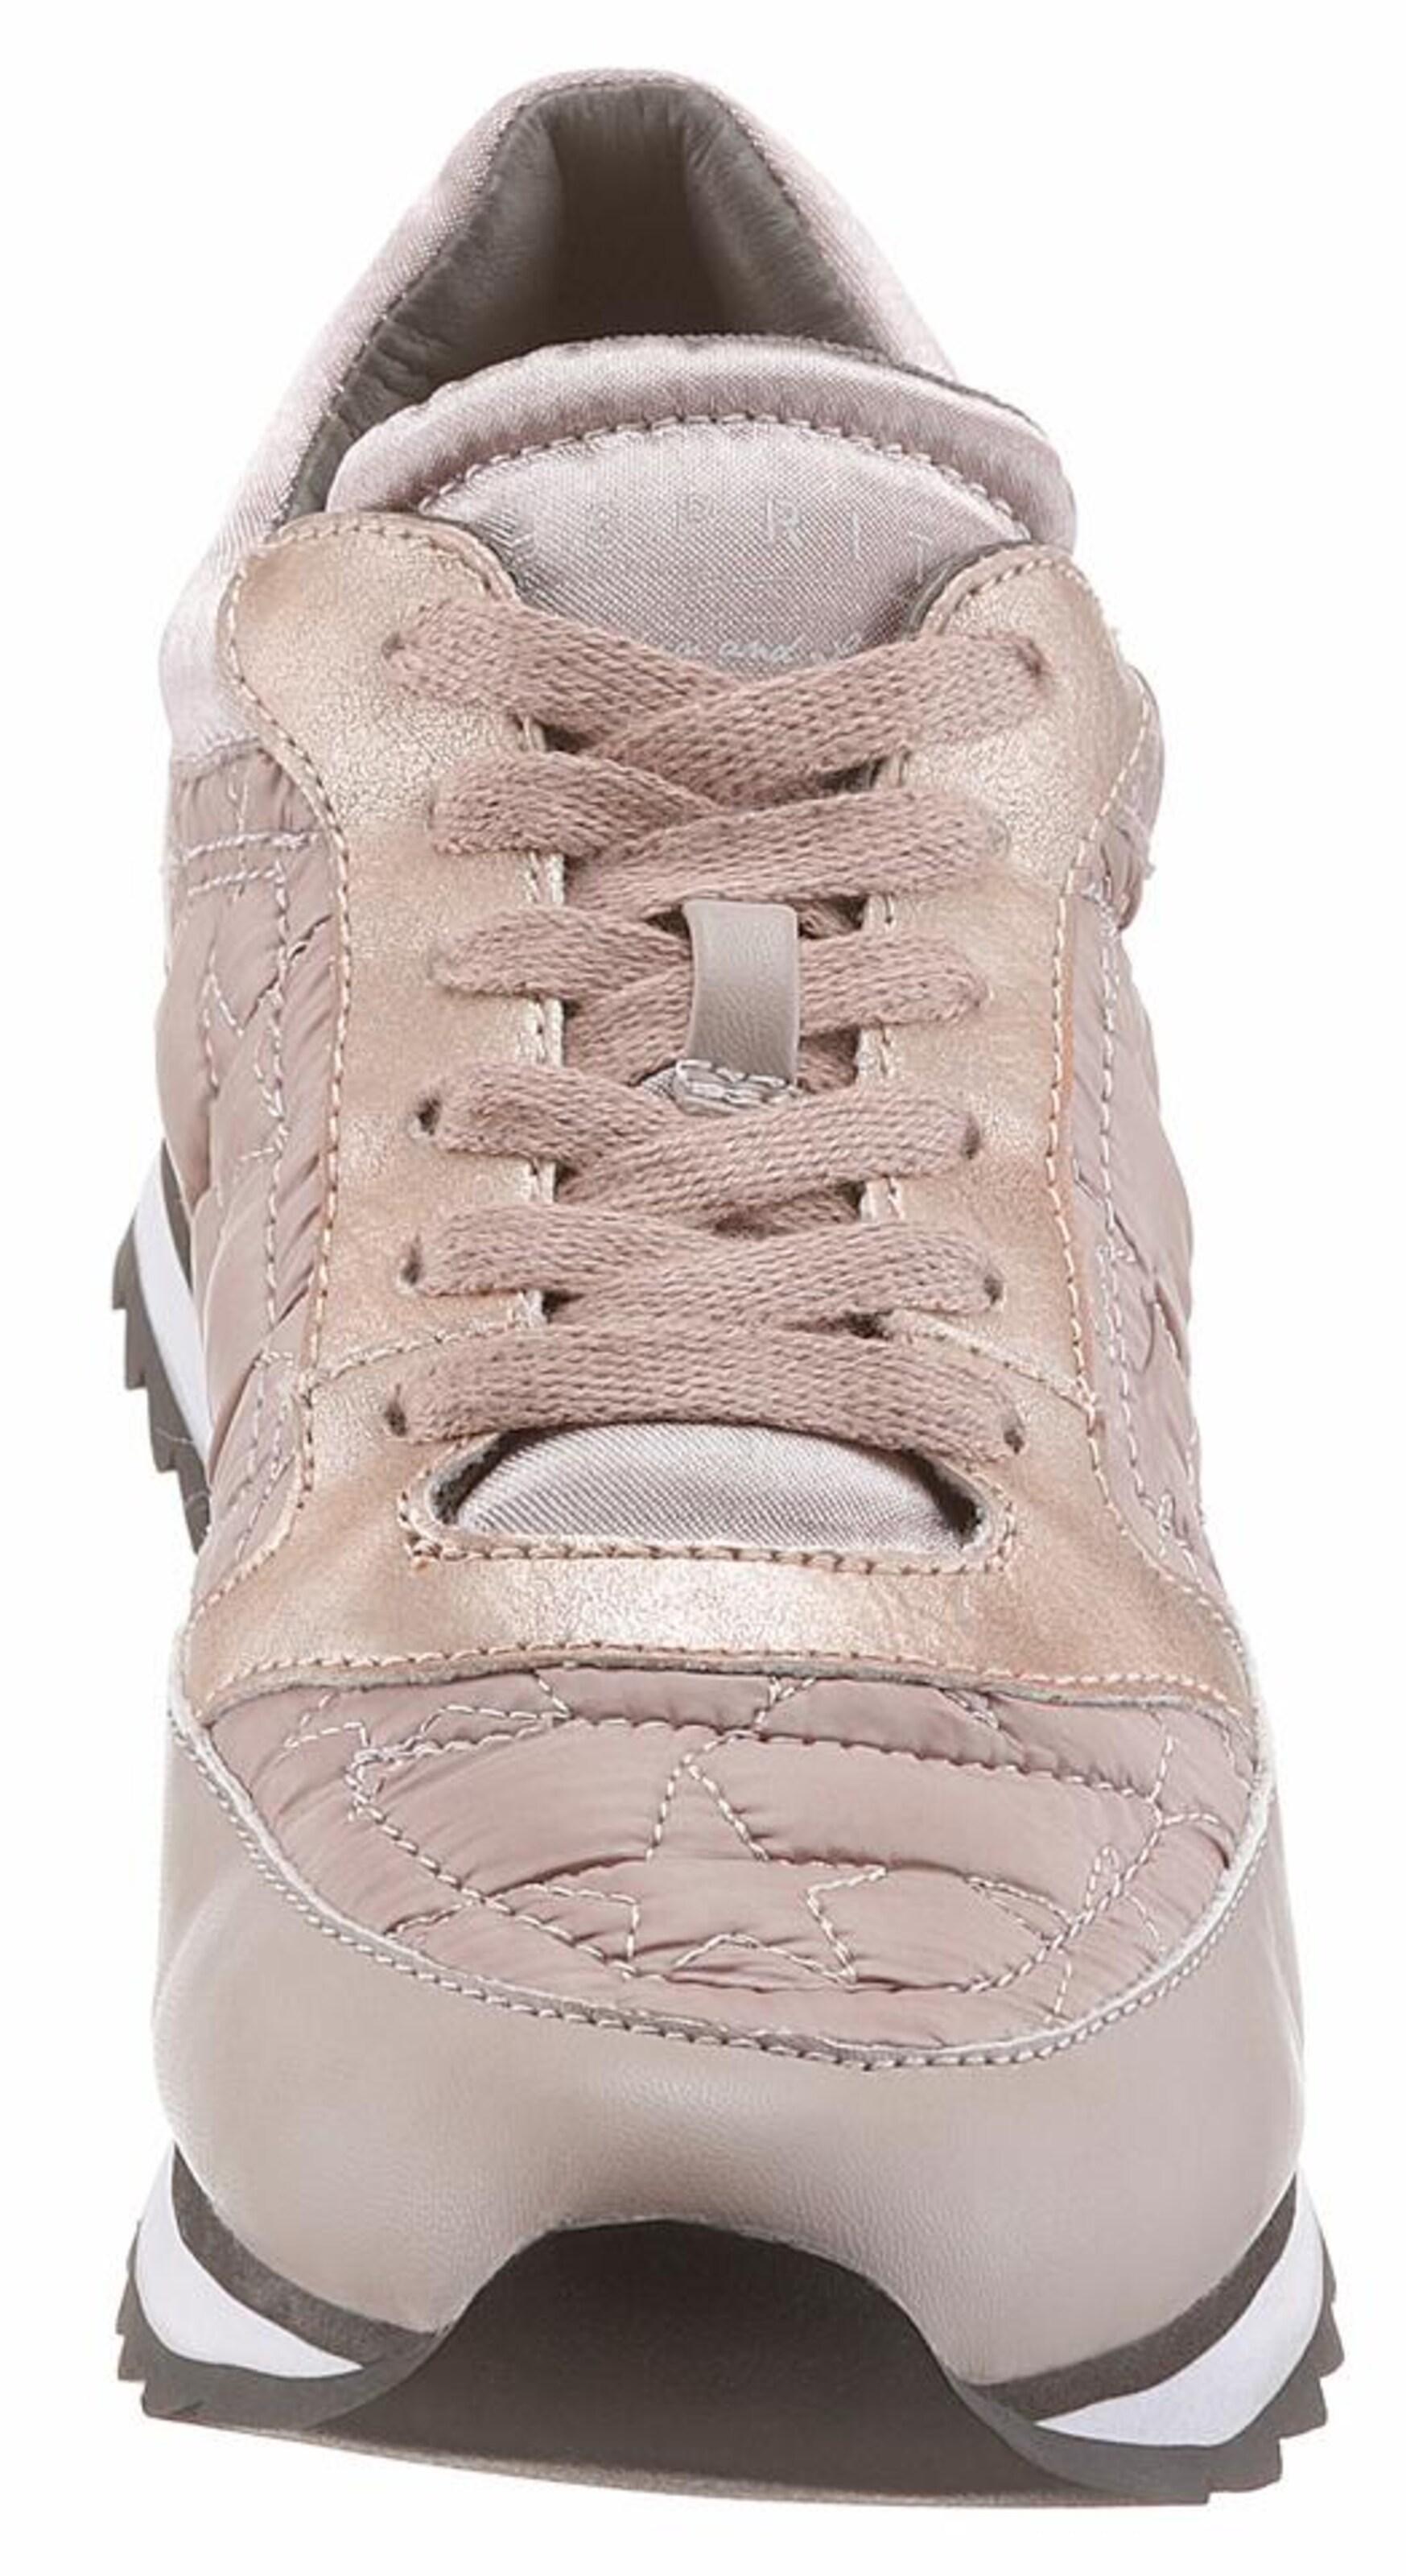 Ganz Welt Versand Günstig Kaufen Aus Deutschland ESPRIT Sneaker 'Astro Quilt Lu' Austrittsstellen Zum Verkauf Ausverkauf HUv68